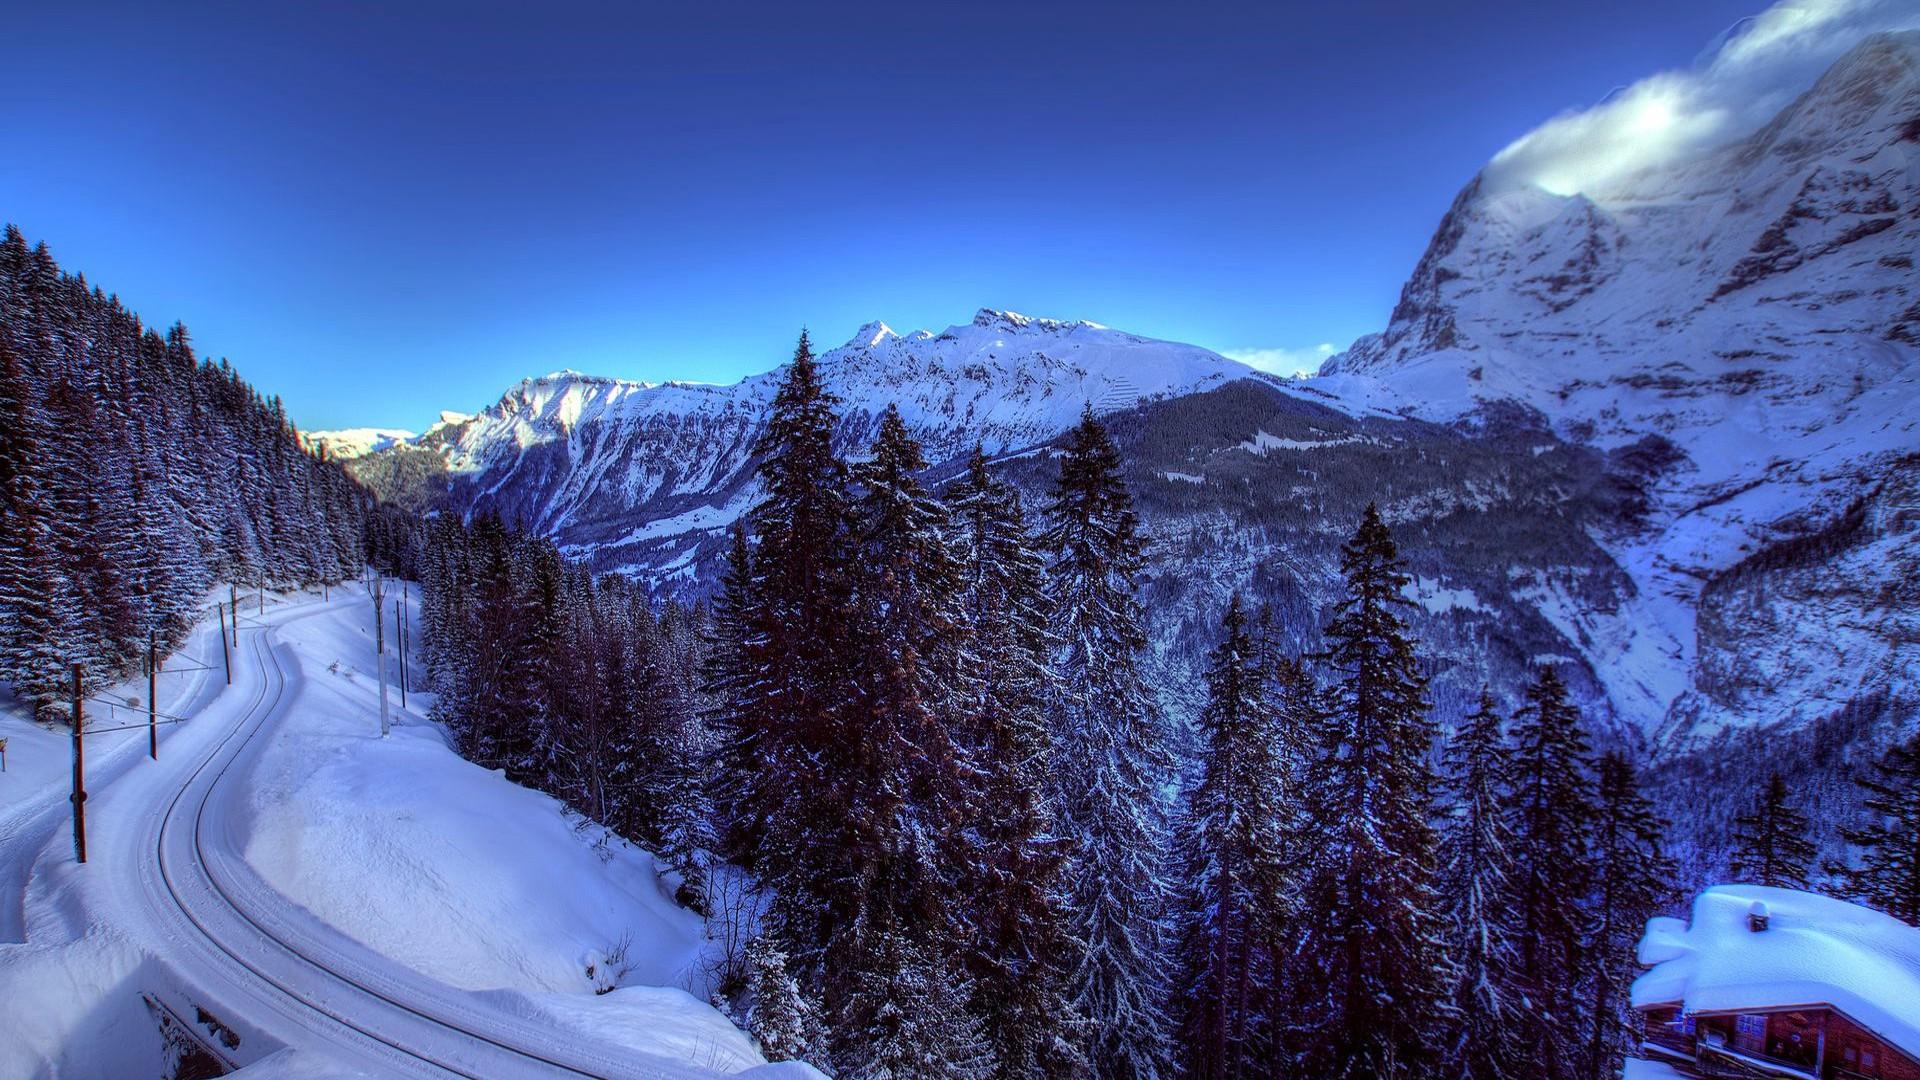 阿尔卑斯山美景桌面高清壁纸